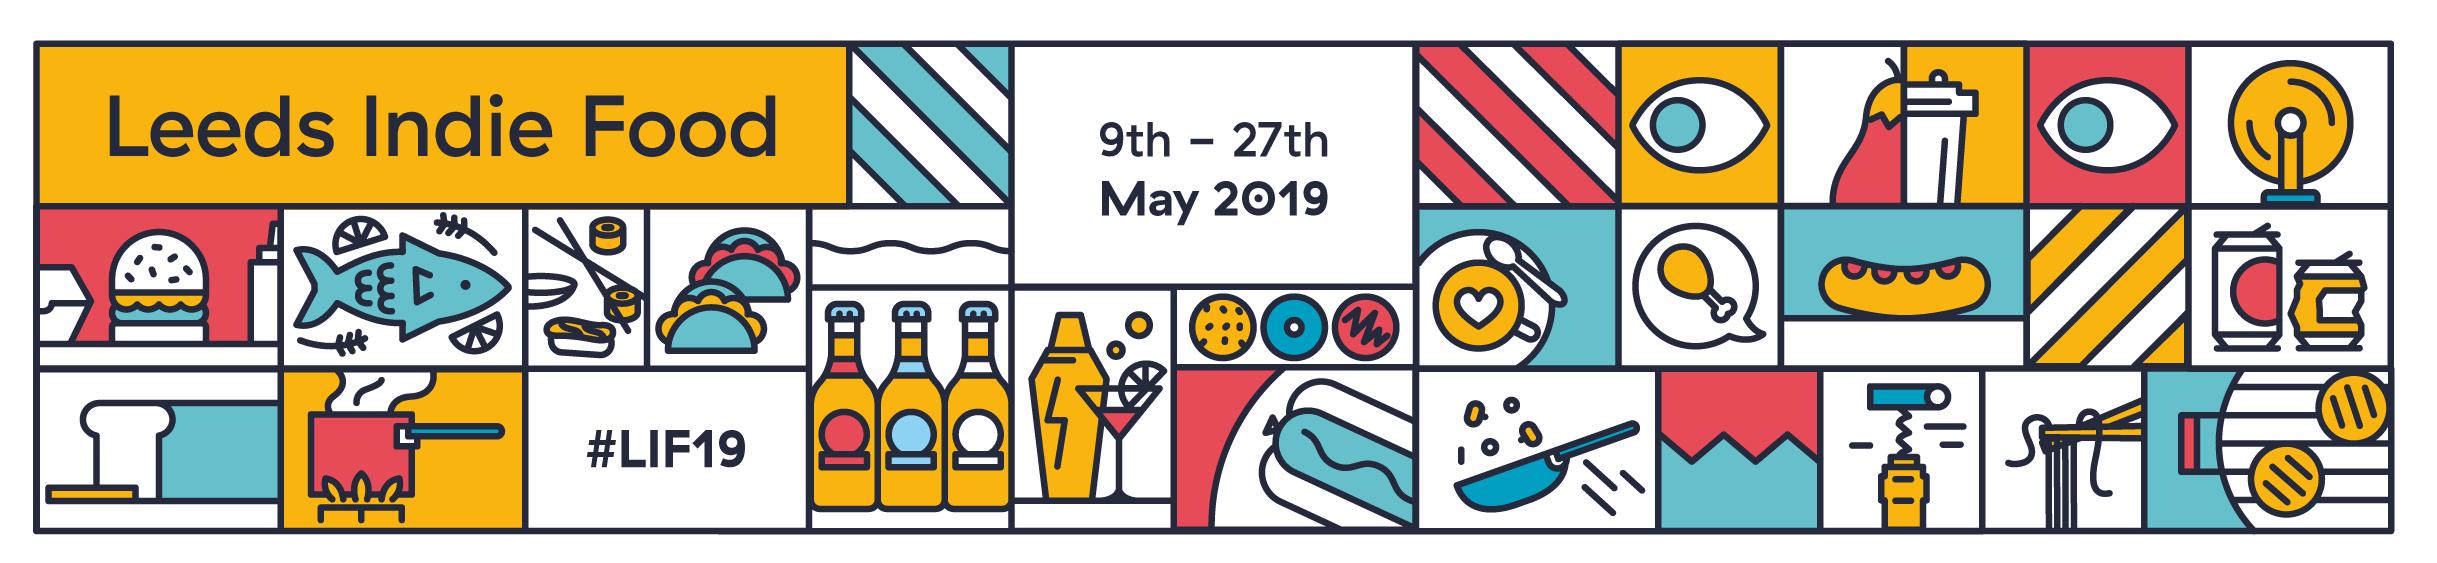 Leeds Indie Food Priority 2019